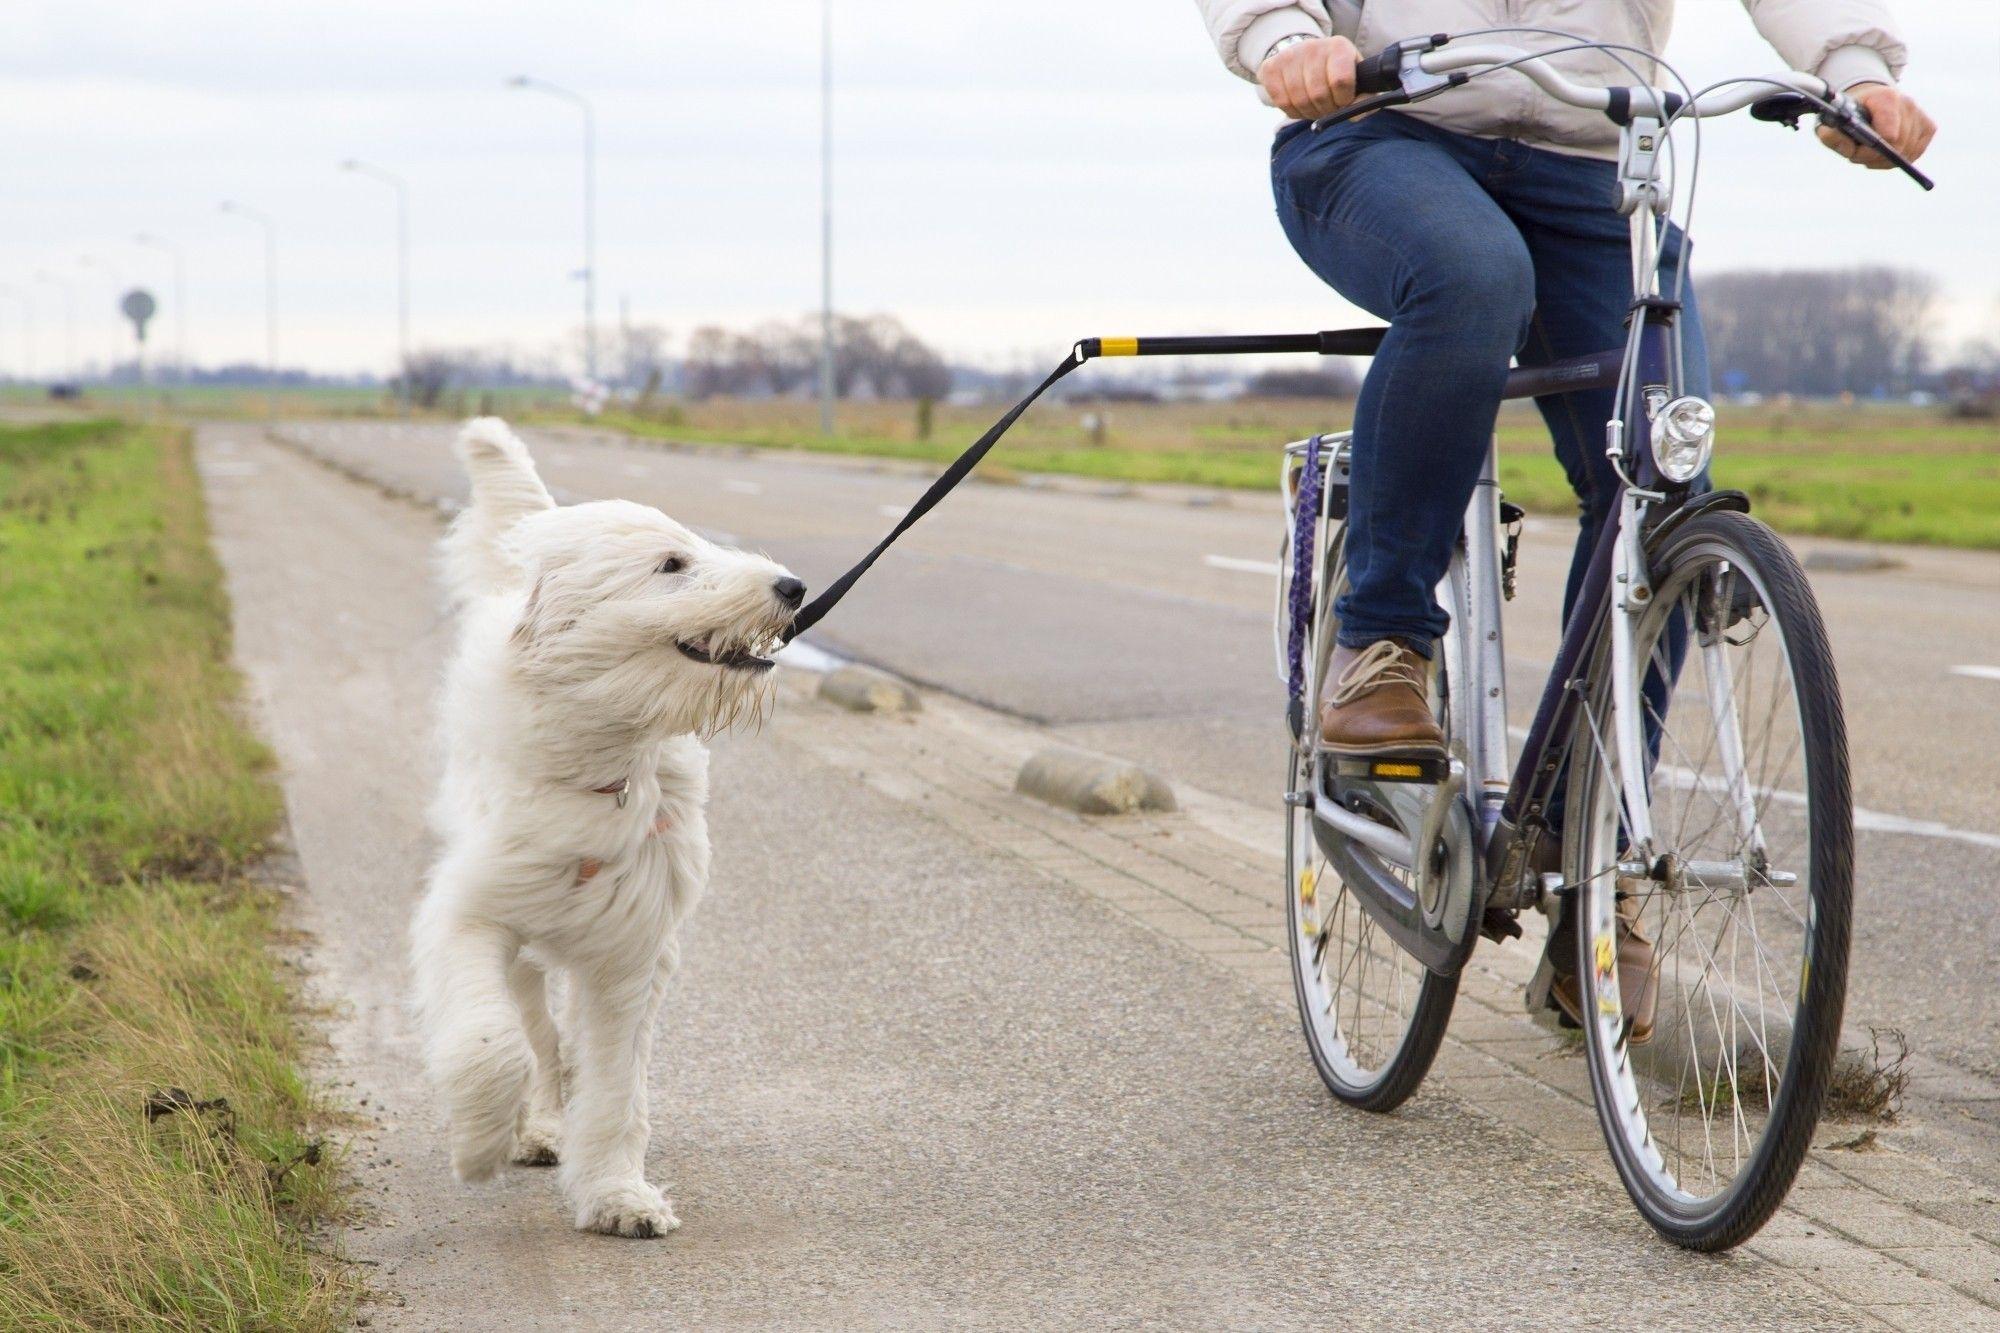 Sportino honden fietsbeugel - fiets afstandhouder